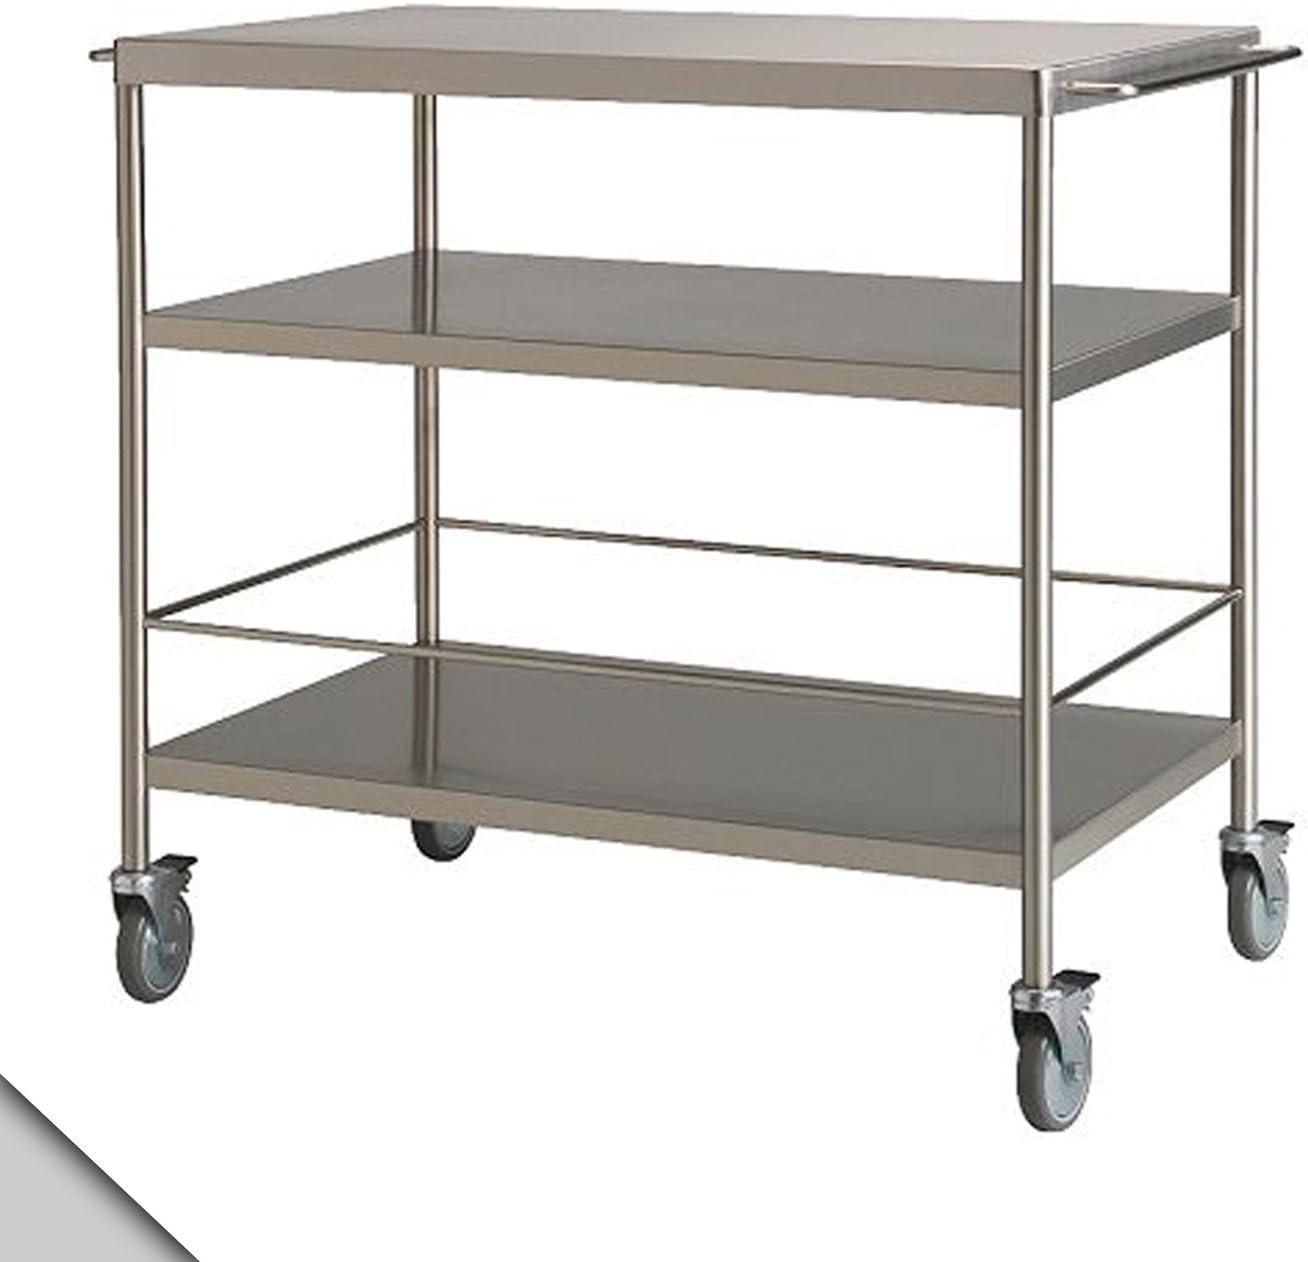 - Amazon.com : IKEA - FLYTTA Kitchen Cart, Stainless Steel H:38